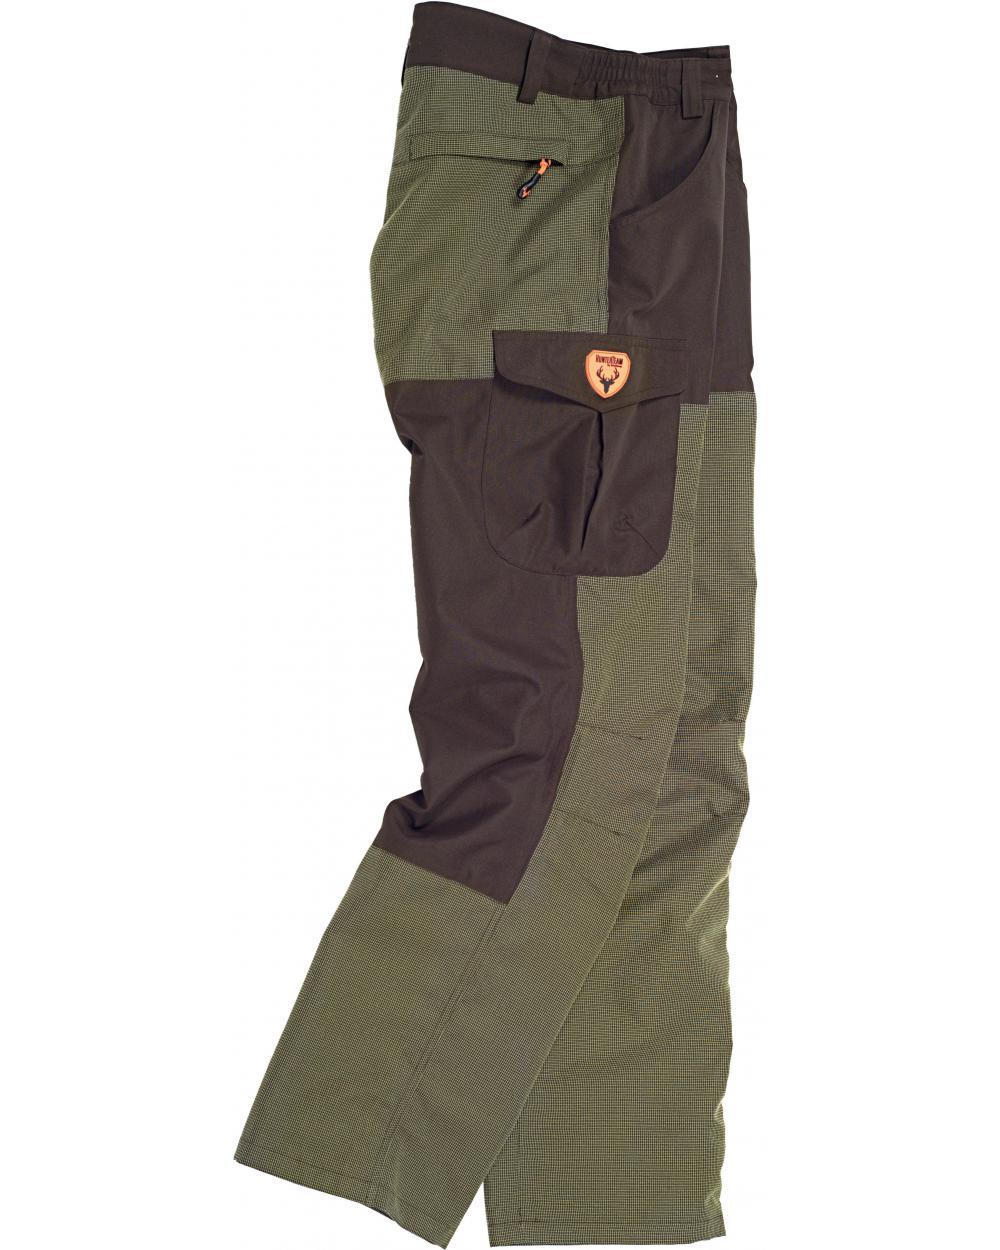 Comprar Pantalon de caza antiespinos S8310 (Cinturón de regalo) Verde Caza/Marron online bataro